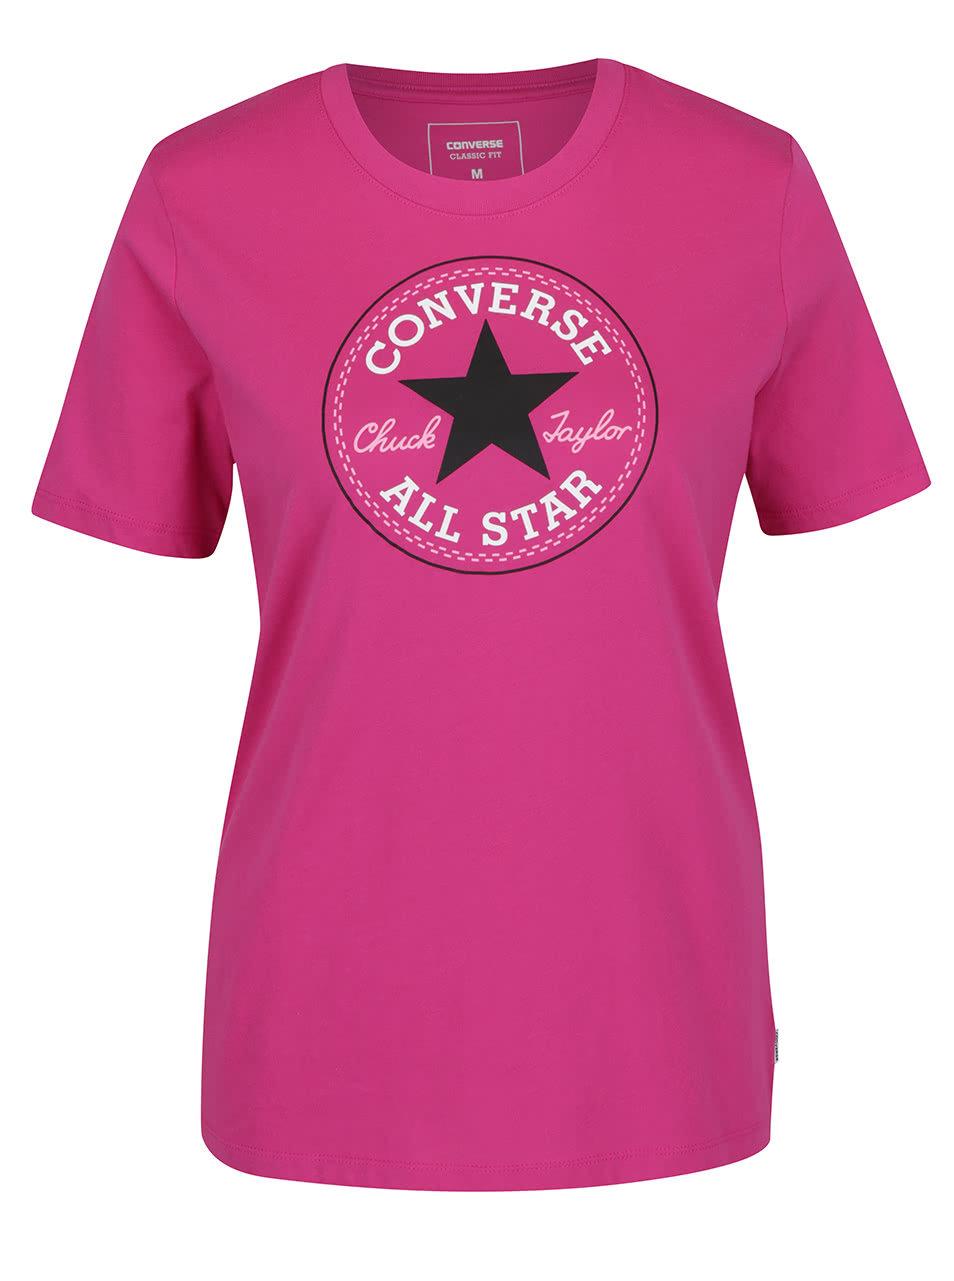 Tmavě růžové dámské tričko s potiskem Converse Core ... 7afe0709ba